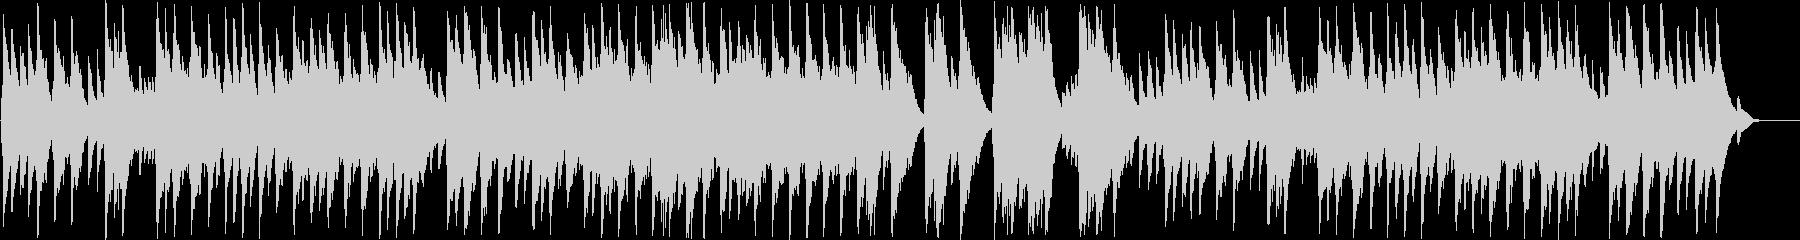 アンダンテ・カンタービレ(オルゴール)の未再生の波形